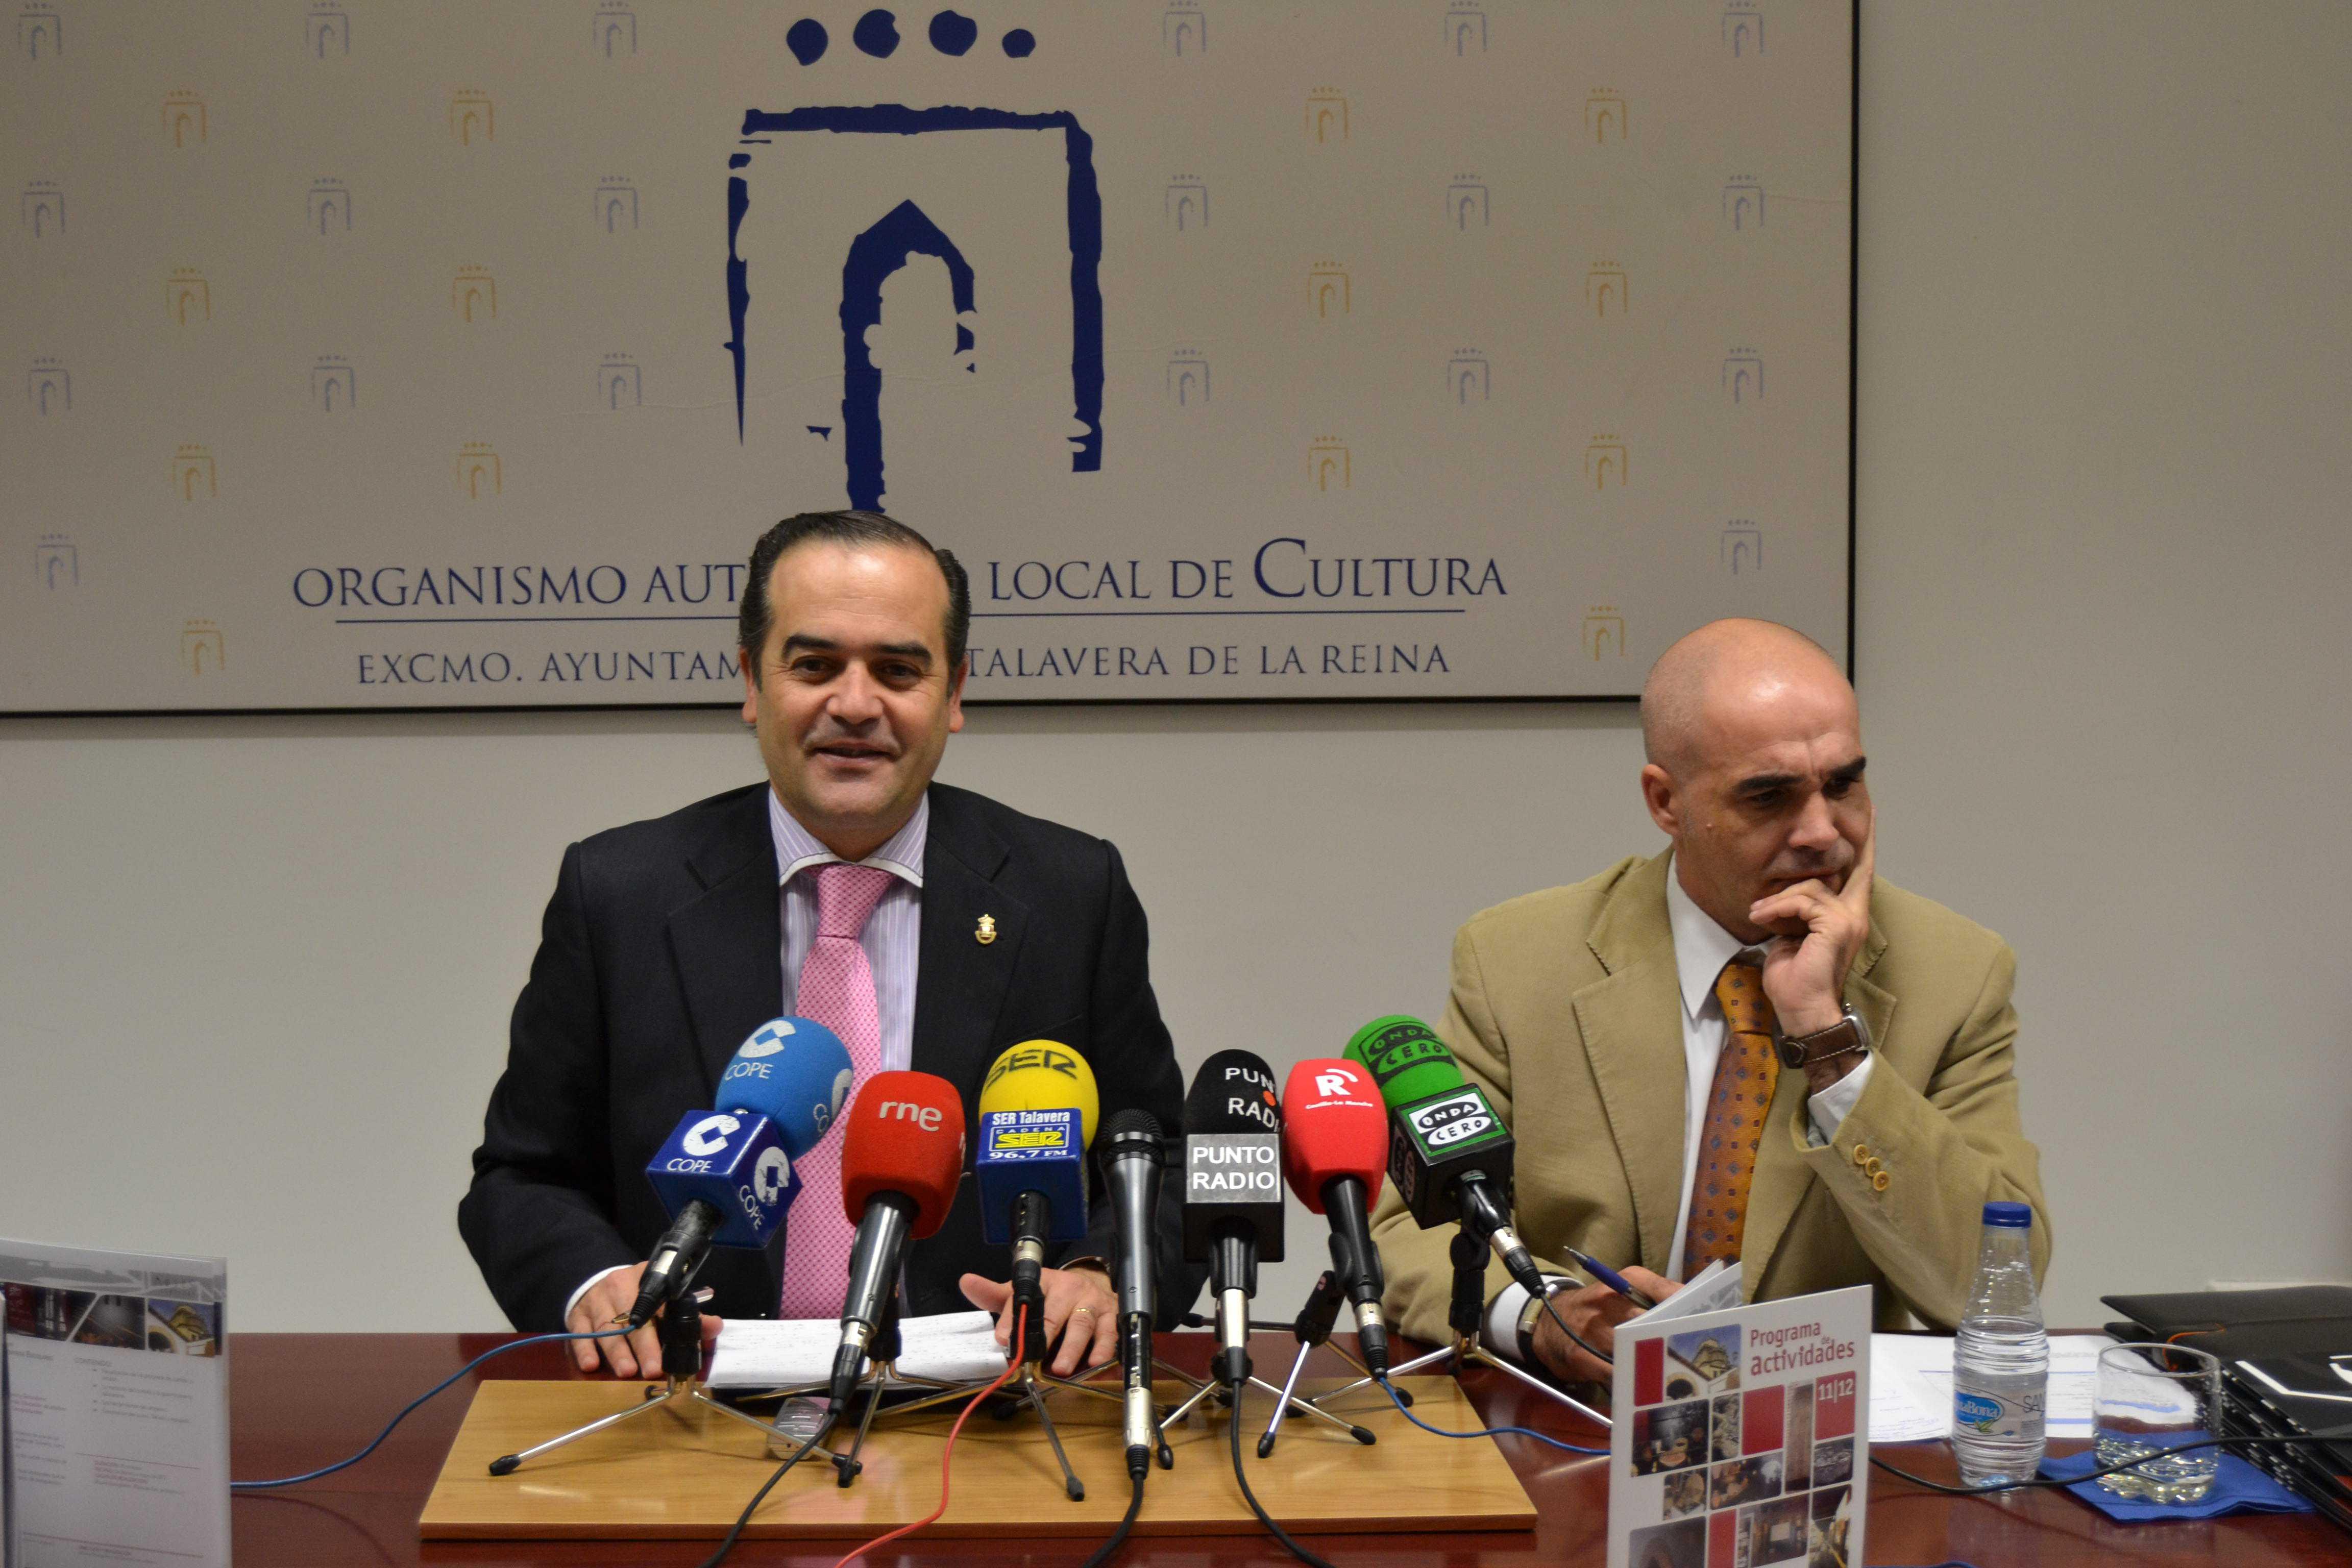 El museo etnográfico de Talavera reduce su presupuesto un 15%, y en 2012 podrá ser superior